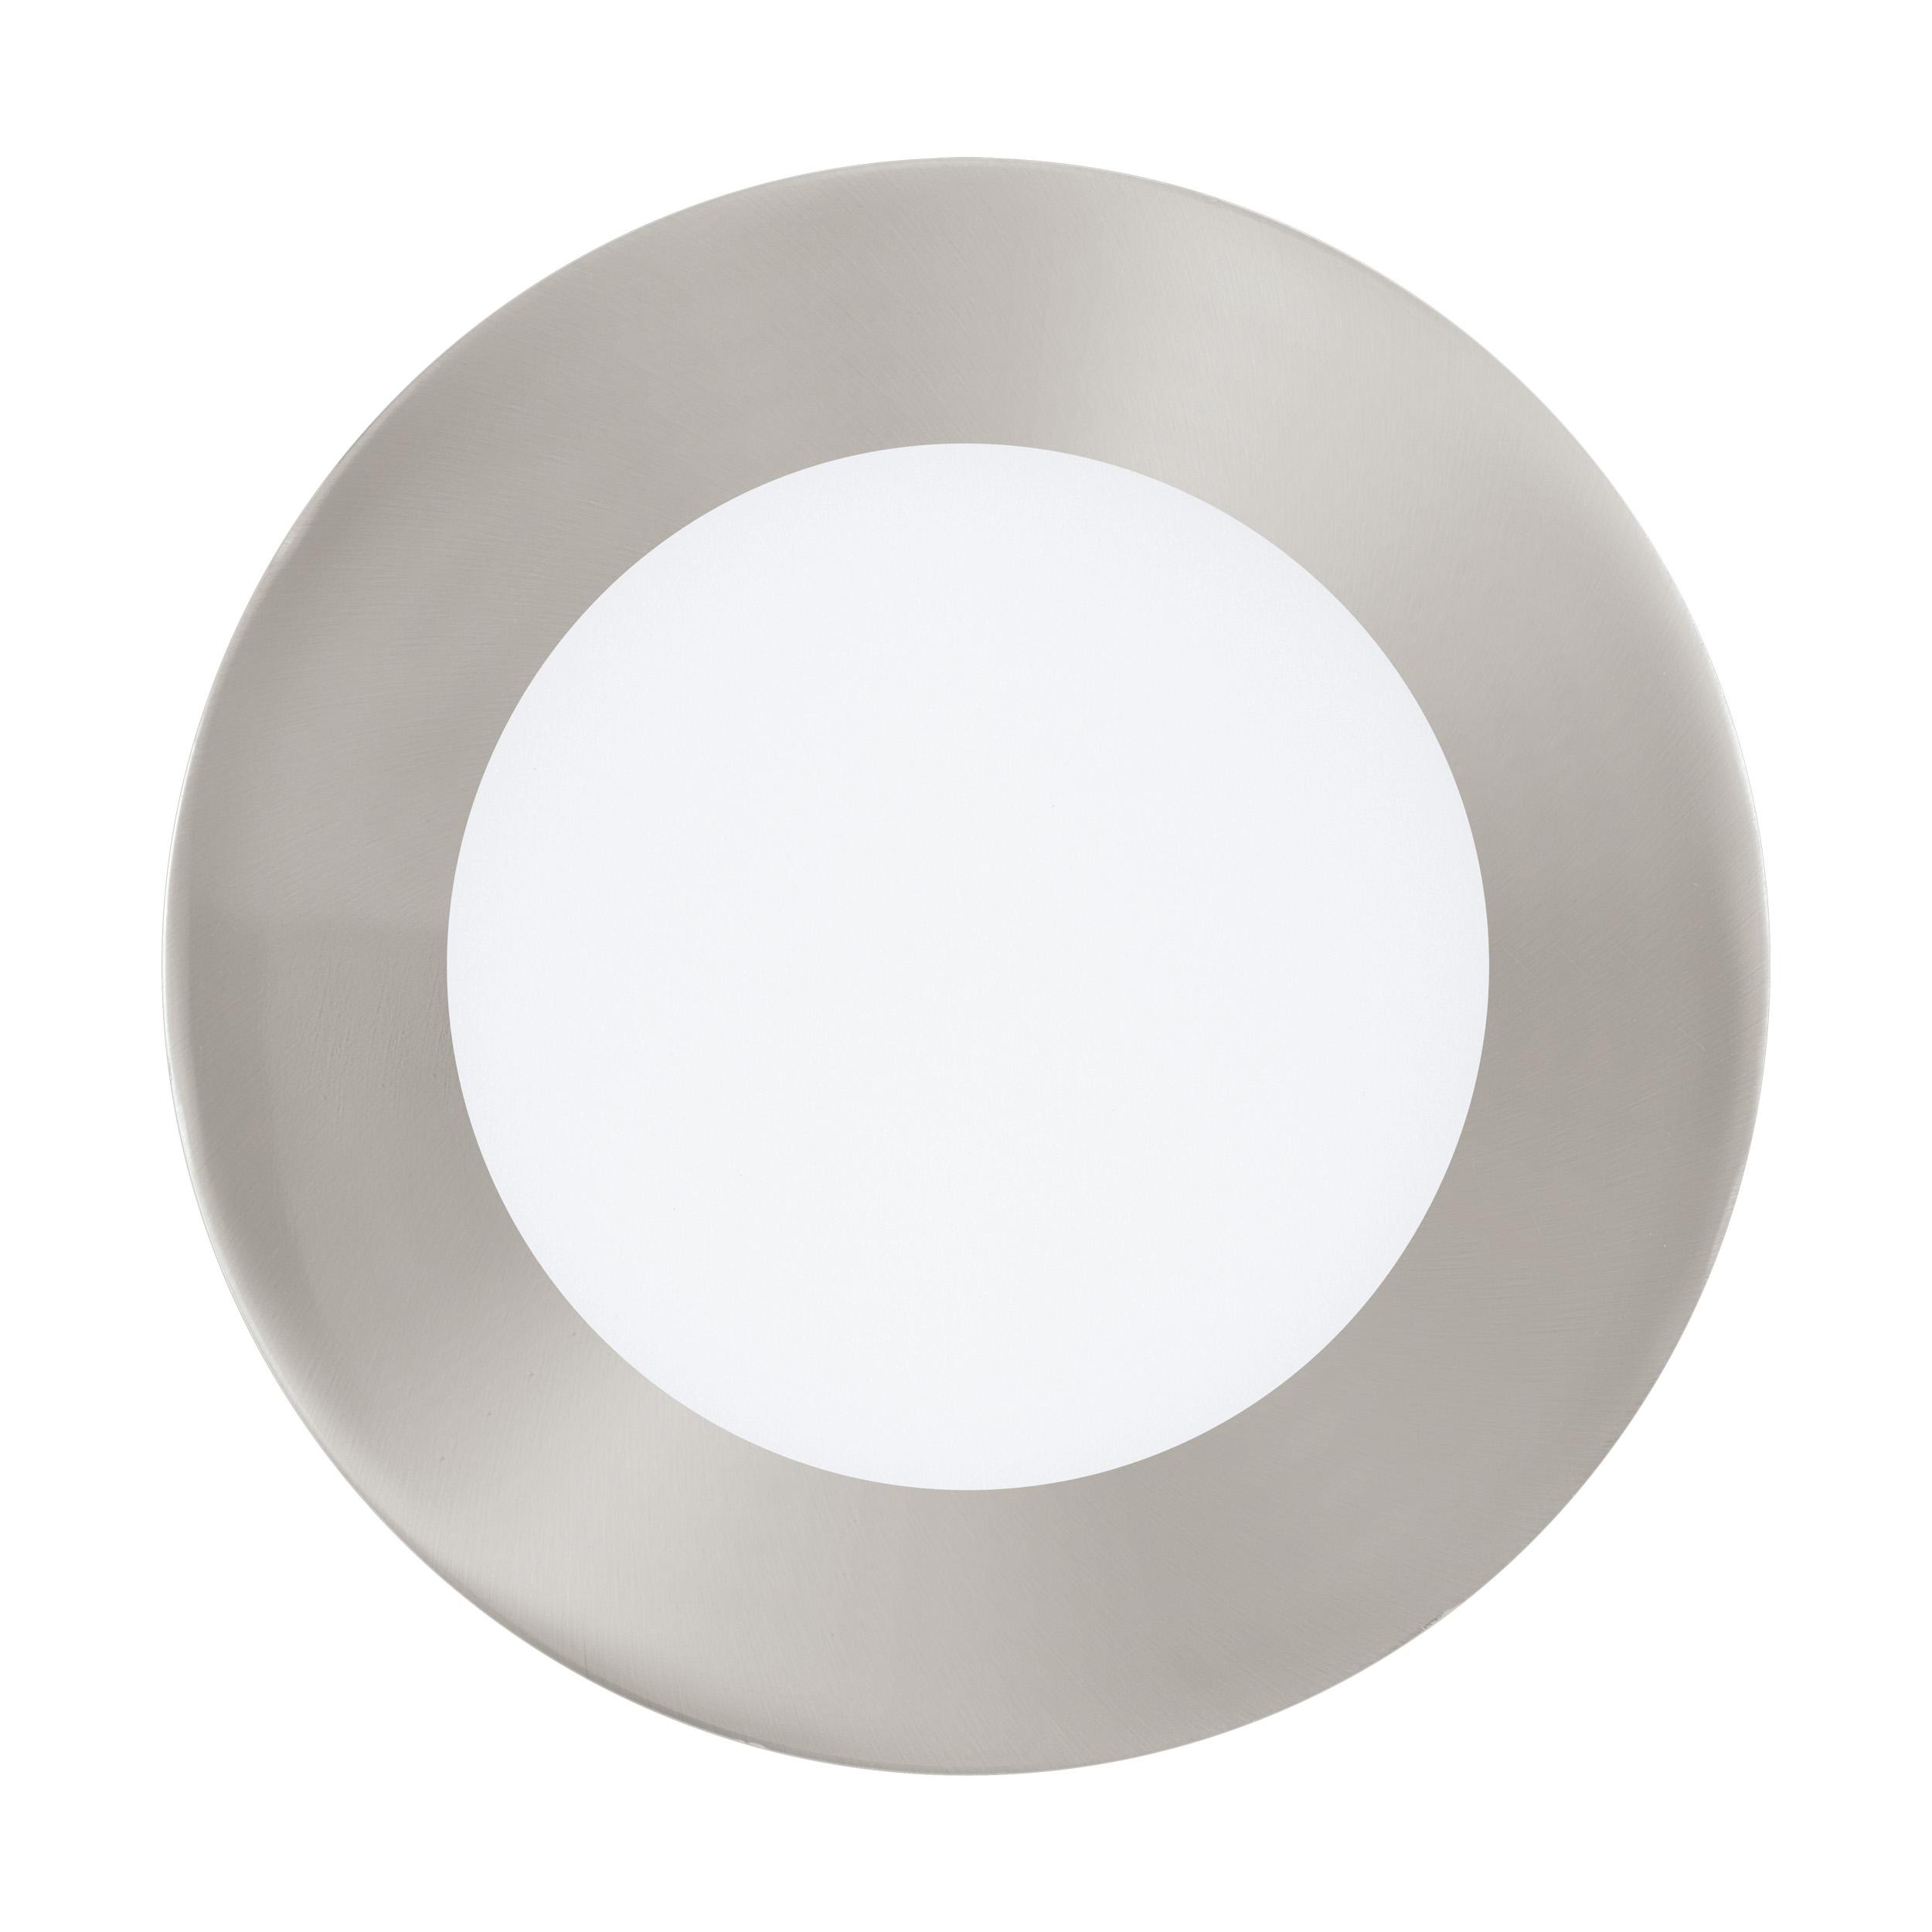 1 Stk Fueva-C BLE-RGB/CCT 5,4W 2700-6500K nickelmatt LI64514---